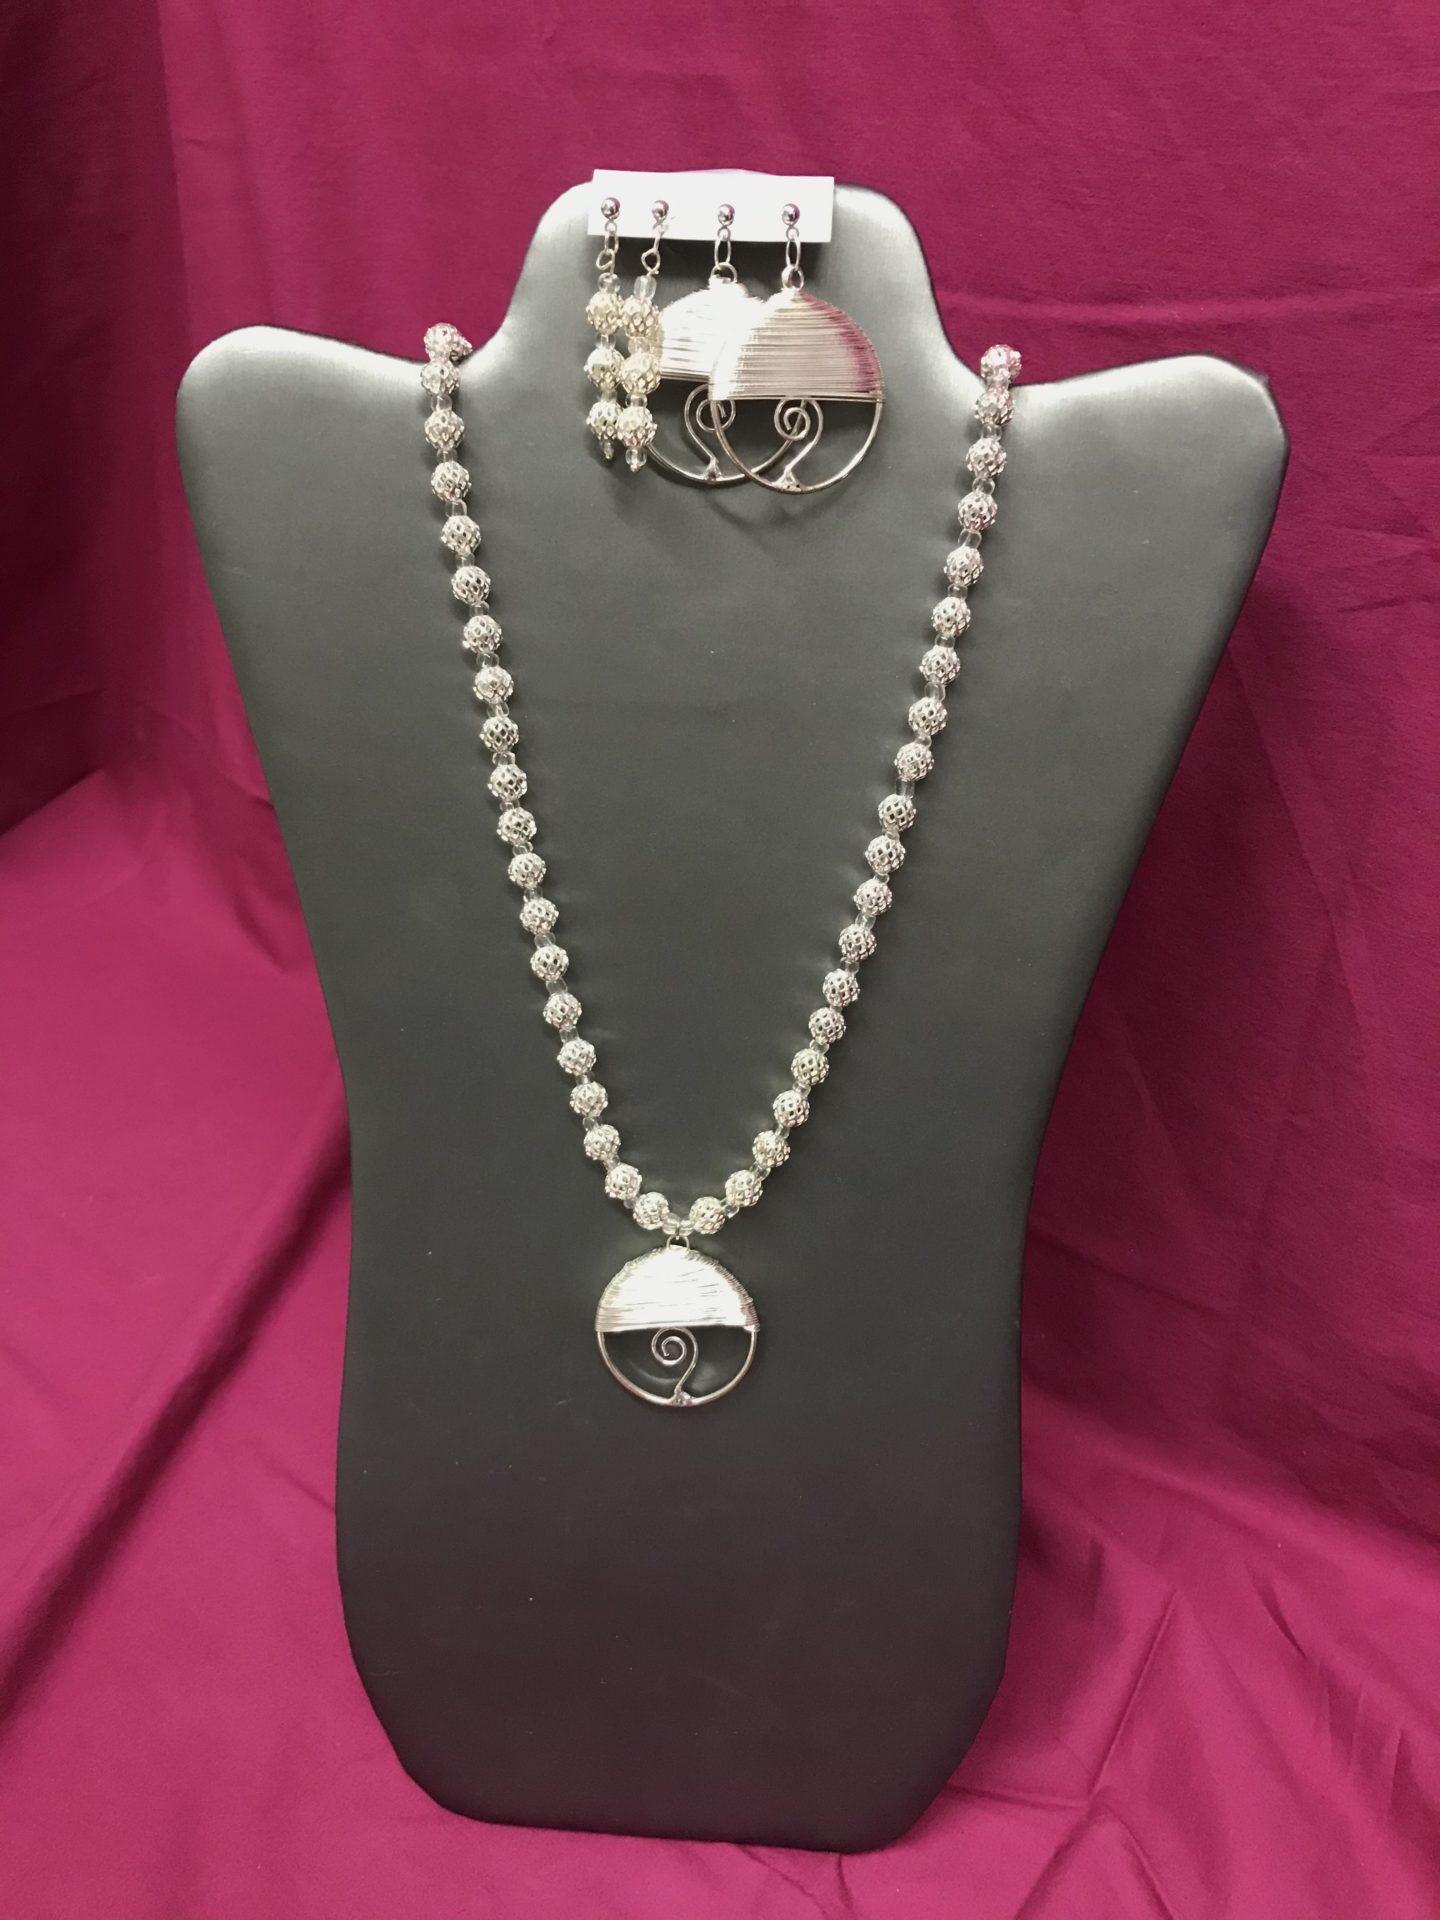 336 Silver necklace & earrings